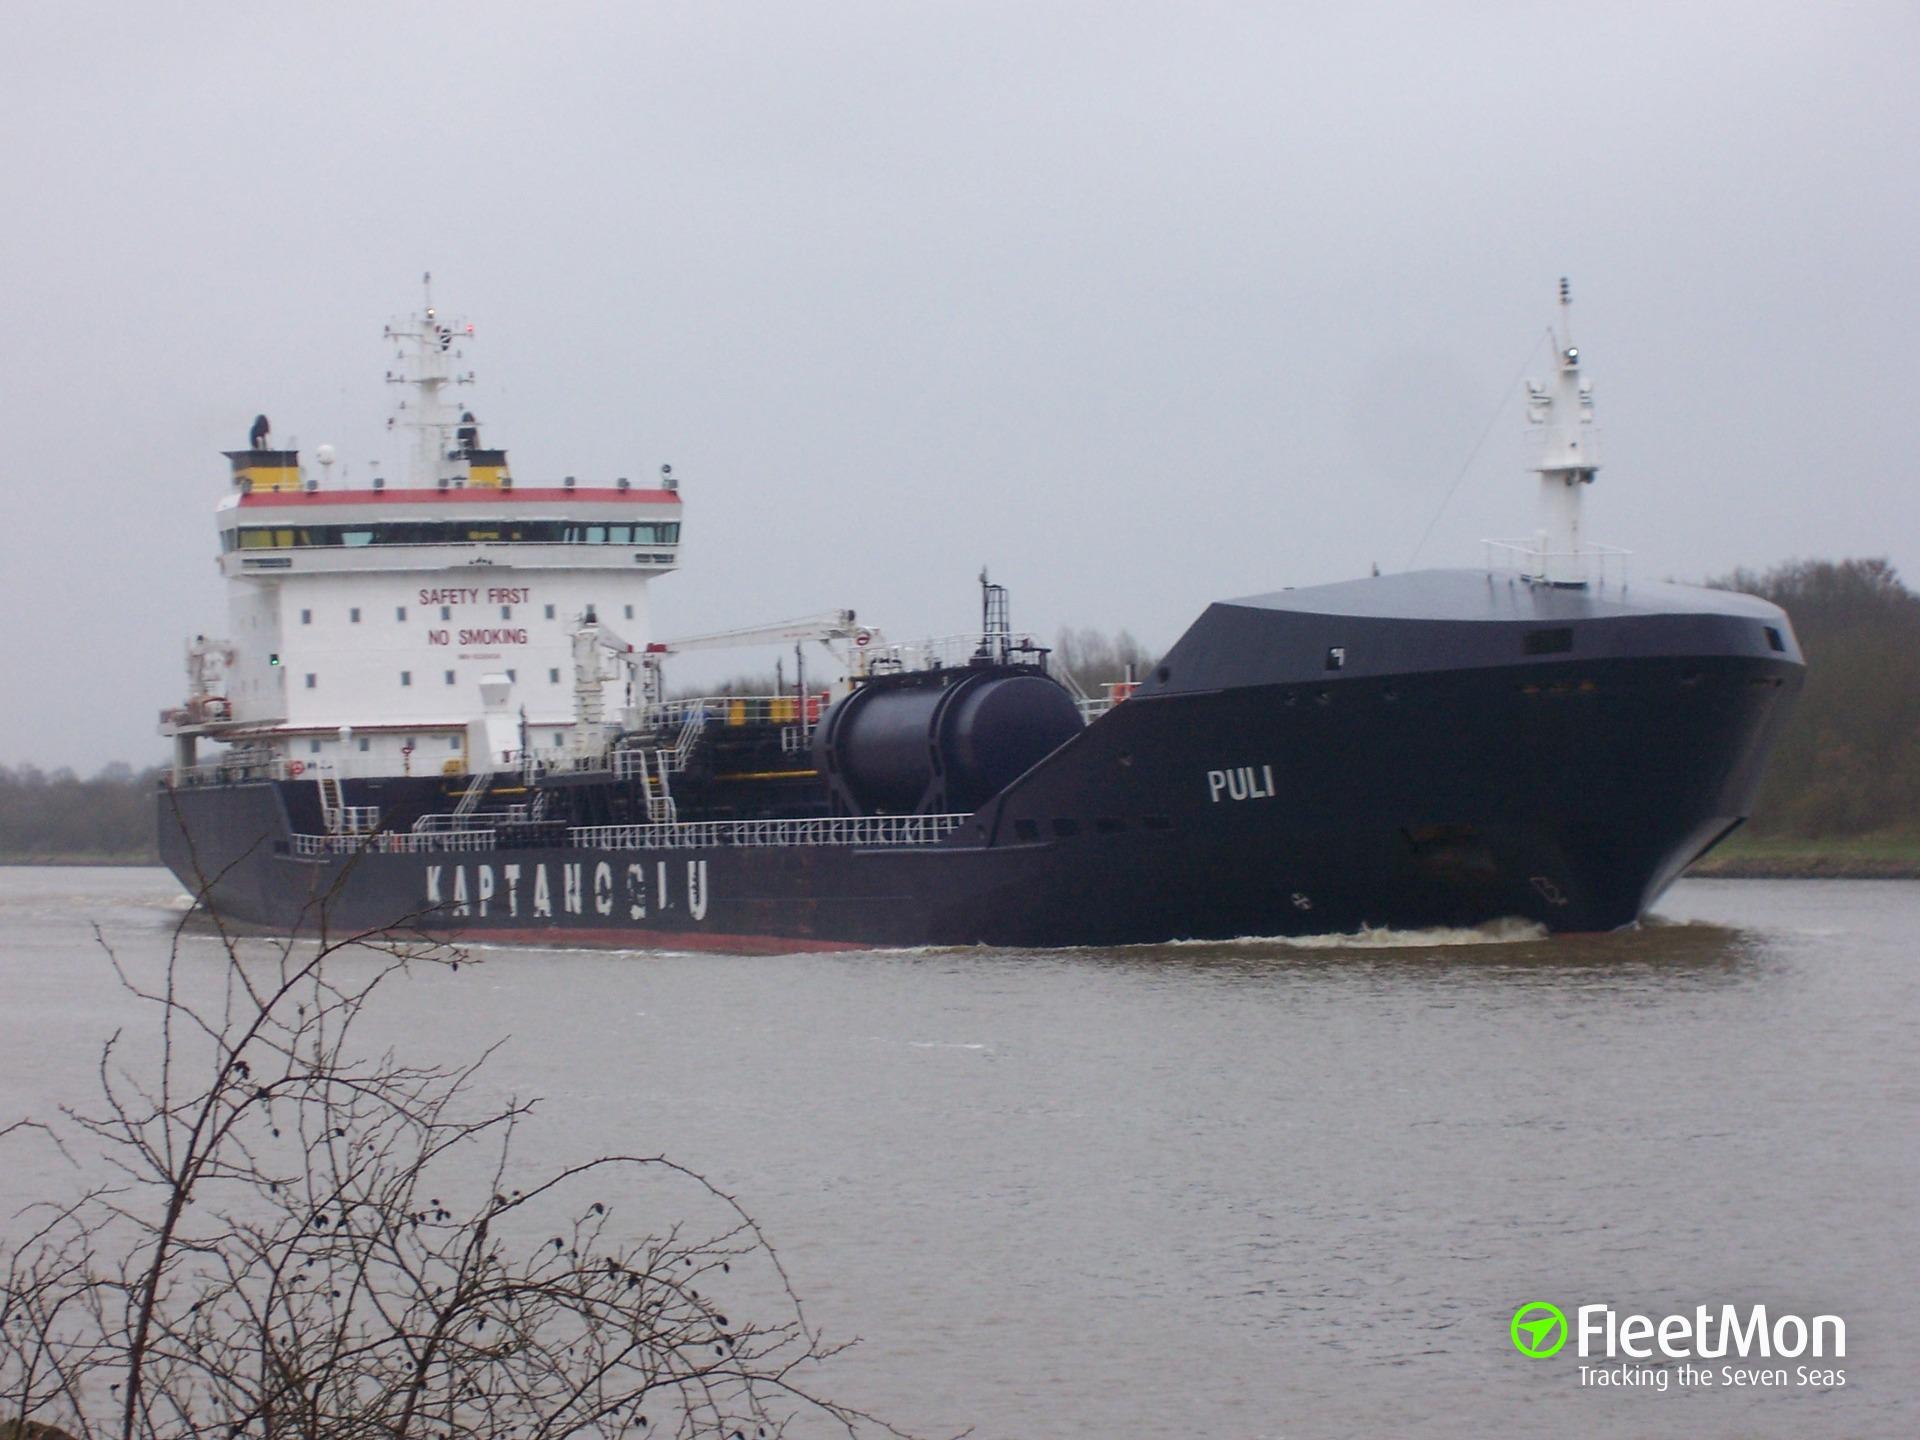 Turkish tanker PULI attacked, 6 crew taken hostages, Nigeria